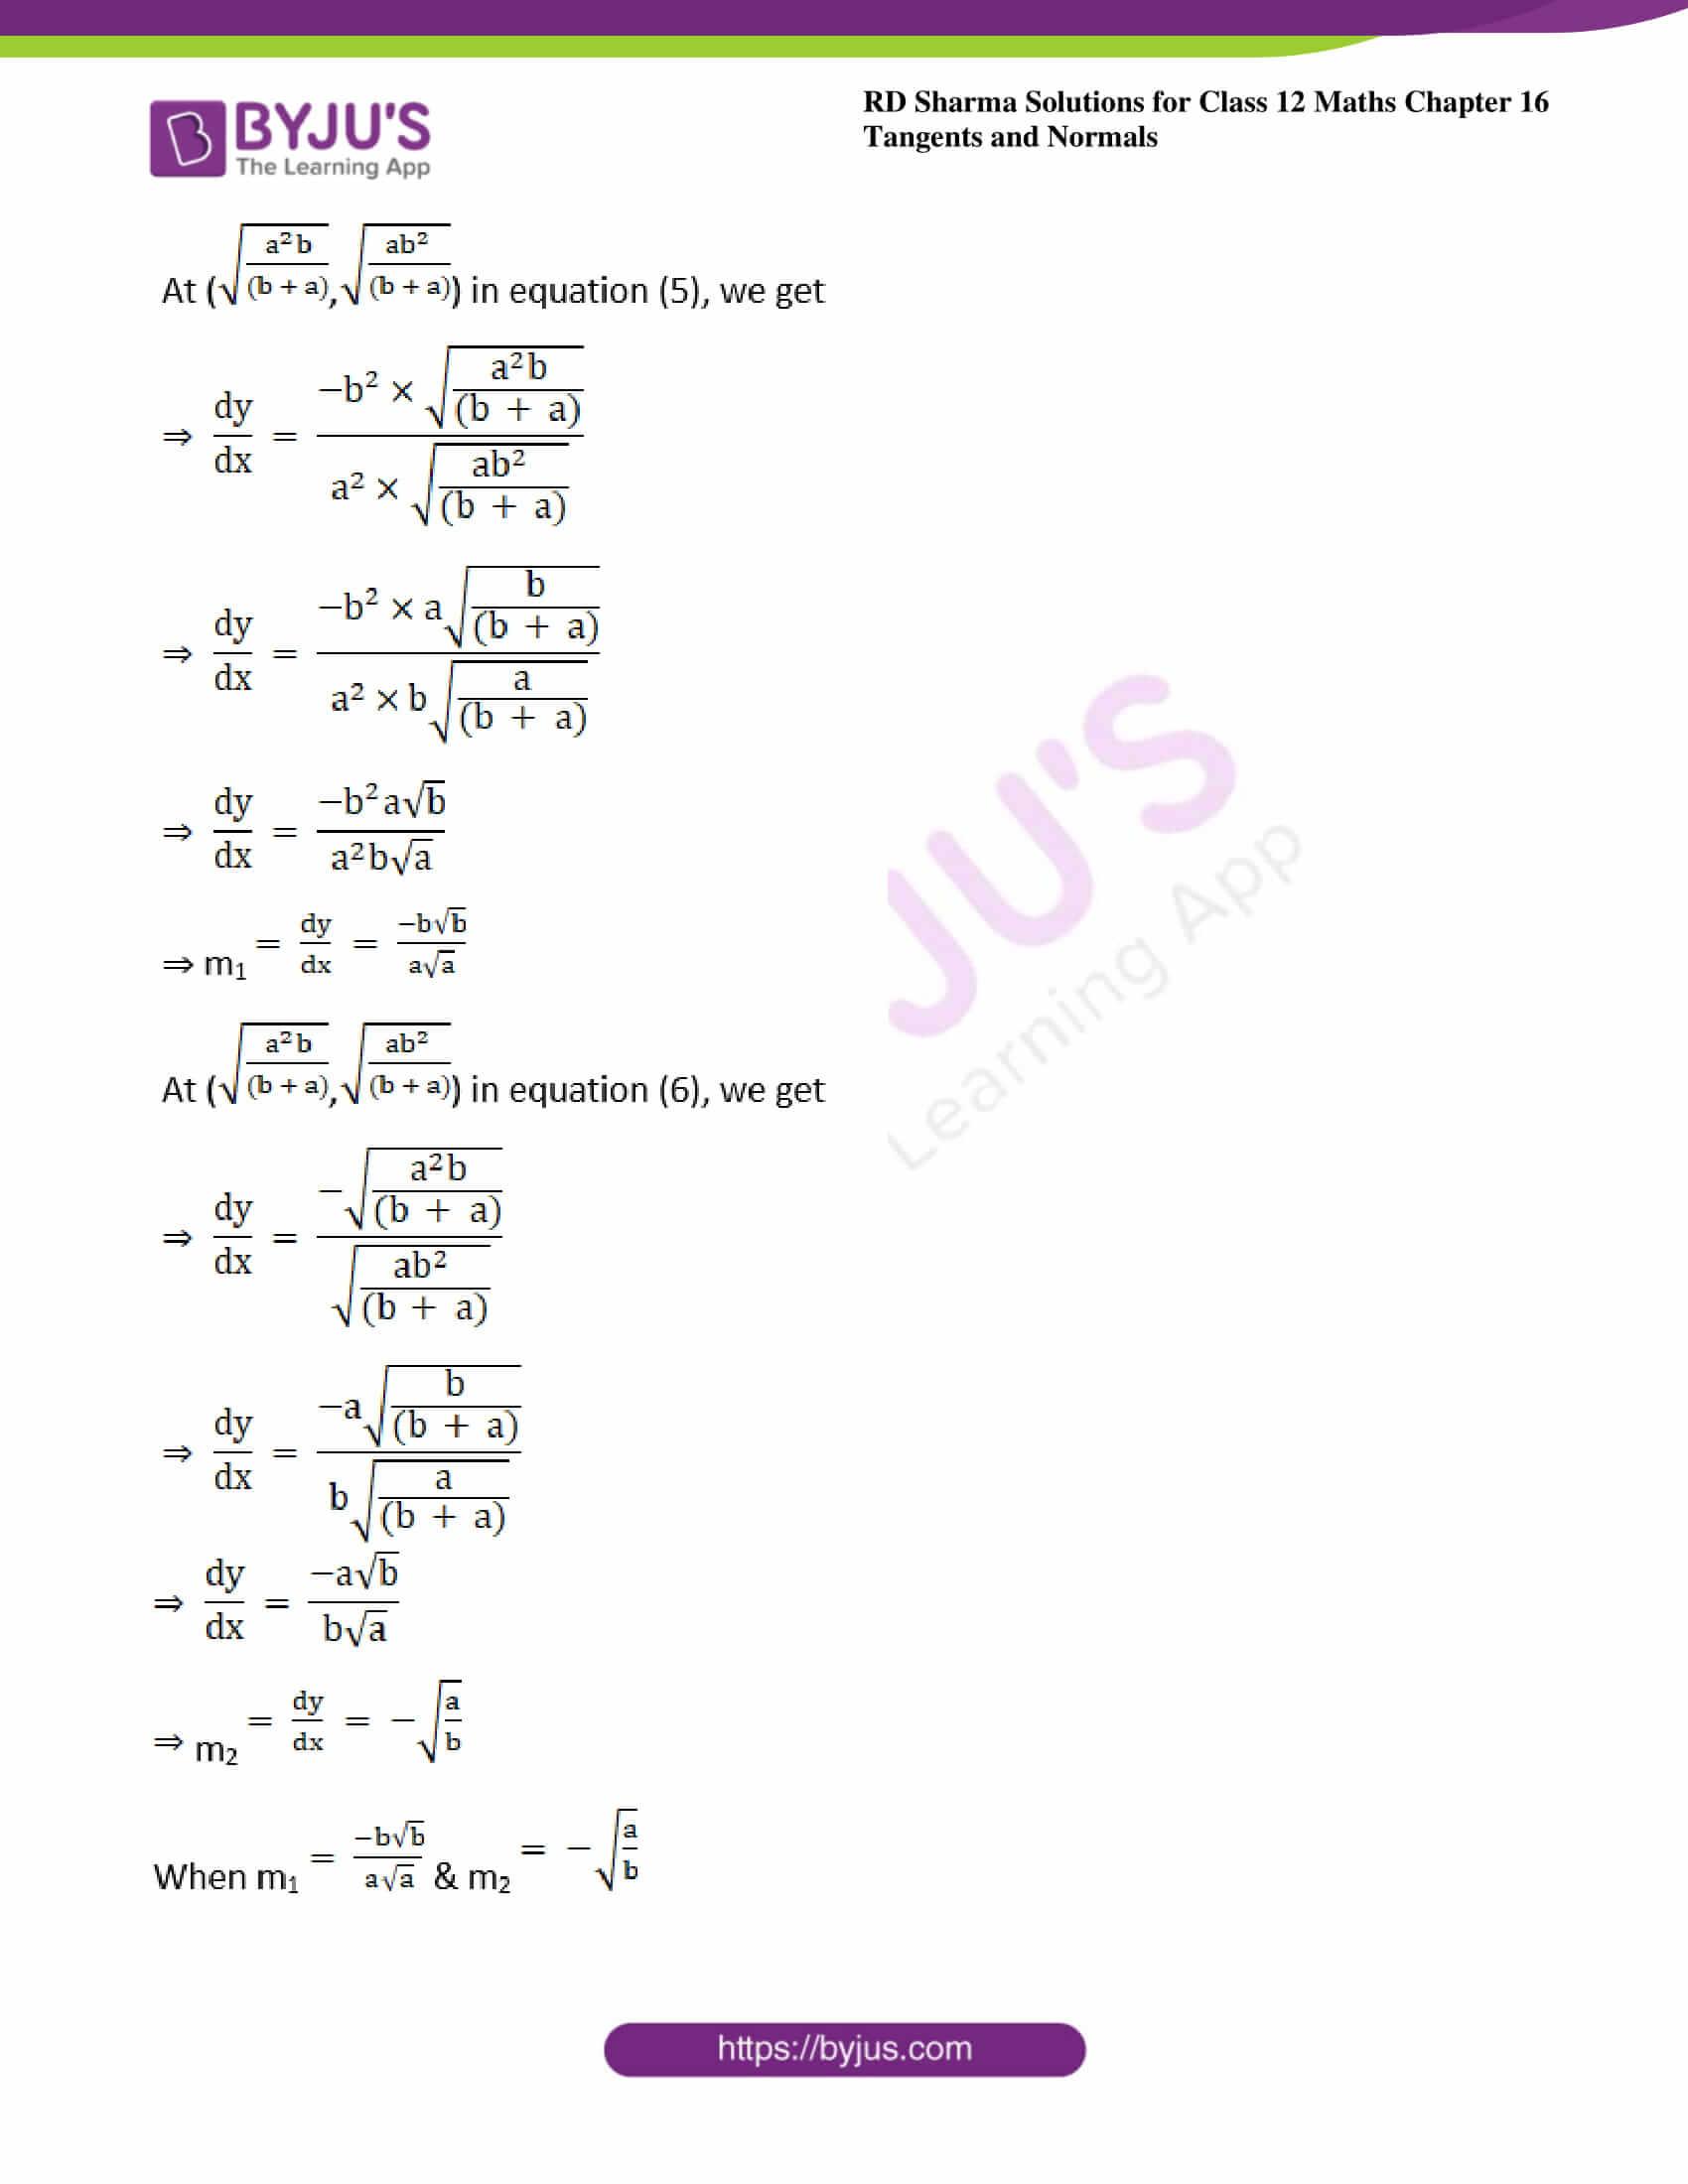 rd sharma class 12 maths solutions chapter 16 ex 3 12